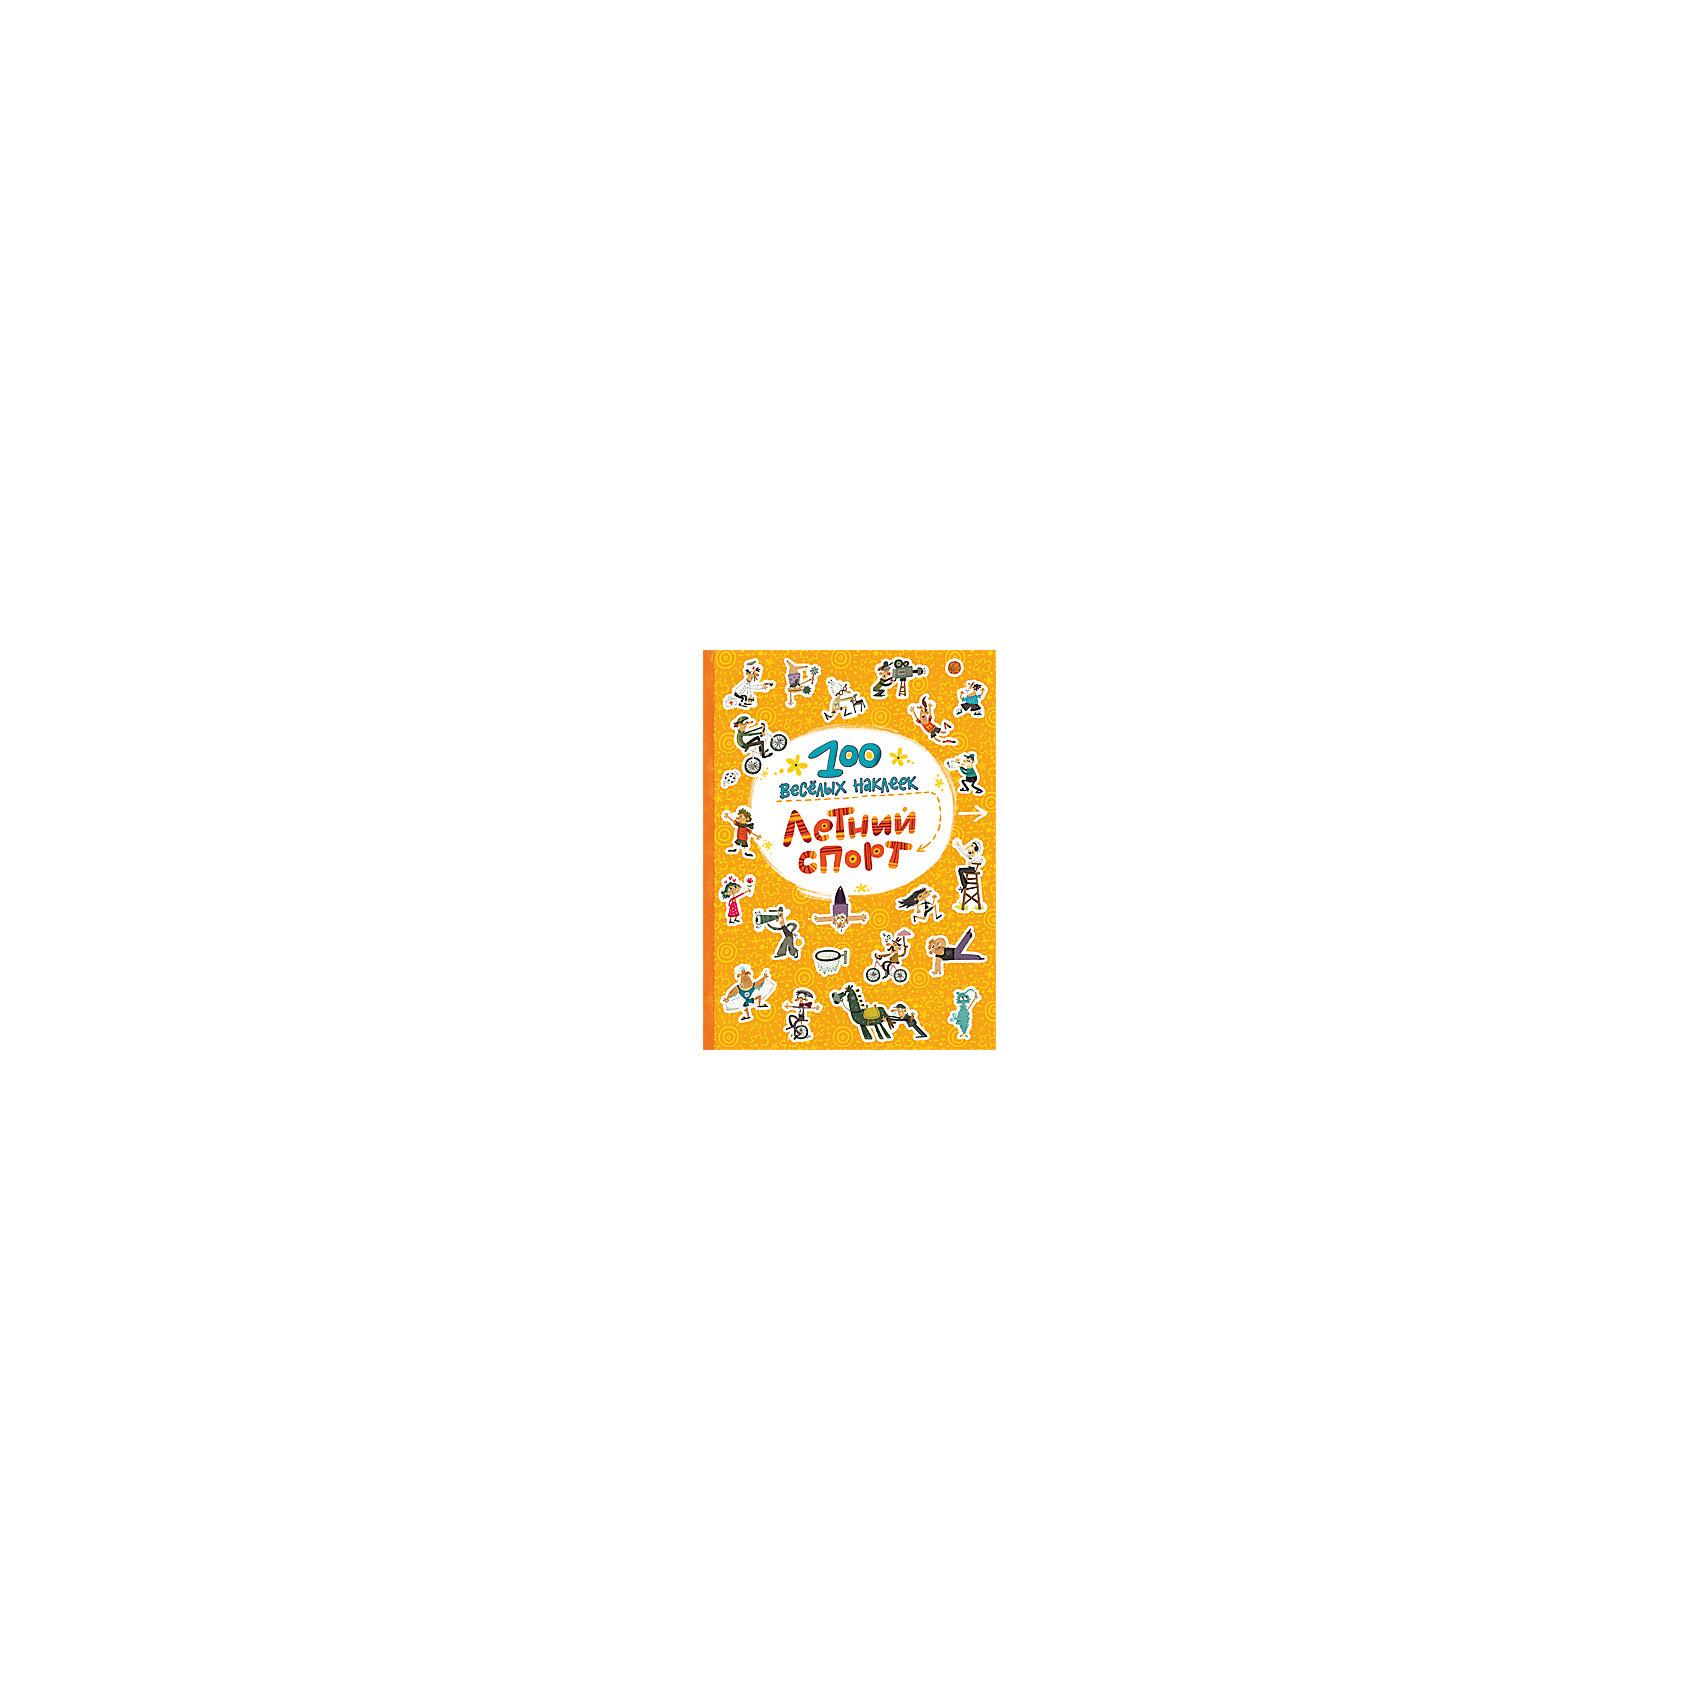 Книга «Летний спорт» из серии «100 веселых наклеек», Мозаика-СинтезКнижки с наклейками<br>Книга «Летний спорт» из серии «100 веселых наклеек», Мозаика-Синтез.<br><br>Характеристики:<br><br>• Издательство: МОЗАИКА-СИНТЕЗ<br>• ISBN: 978-5-43150-912-4<br>• Тип: книга с многоразовыми наклейками.<br>• Раздел знаний: ознакомление с окружающим миром.<br>• Возраст: 5-7лет.<br>• Размер книги: 325х235 мм.<br>• Количество страниц: 16.<br><br>Замечательная красочная книга «Летний спорт» из серии «100 веселых наклеек» познакомит Вашего ребенка с летними олимпийскими видами спорта. На страницах книги, изображающих теннисный корт, футбольное поле, бассейн, велосипедную трассу, баскетбольную площадку и др., нужно расположить 100 веселых многоразовых наклеек – теннисистов, гимнастов, велосипедистов, футболистов, пловцов и многих других спортсменов.<br><br>Забавные стихи расскажут маленькому читателю о каждом виде спорта, а яркие многоразовые наклейки превратят процесс обучения в веселую игру. Занятия с наклейками способствуют расширению кругозора, развитию мелкой моторики, координации движений, фантазии и воображения.<br><br>Книгу «Летний спорт» из серии «100 веселых наклеек», Мозаика-Синтез, можно купить в нашем интернет – магазине<br><br>Ширина мм: 2<br>Глубина мм: 235<br>Высота мм: 325<br>Вес г: 173<br>Возраст от месяцев: 60<br>Возраст до месяцев: 84<br>Пол: Унисекс<br>Возраст: Детский<br>SKU: 5428891